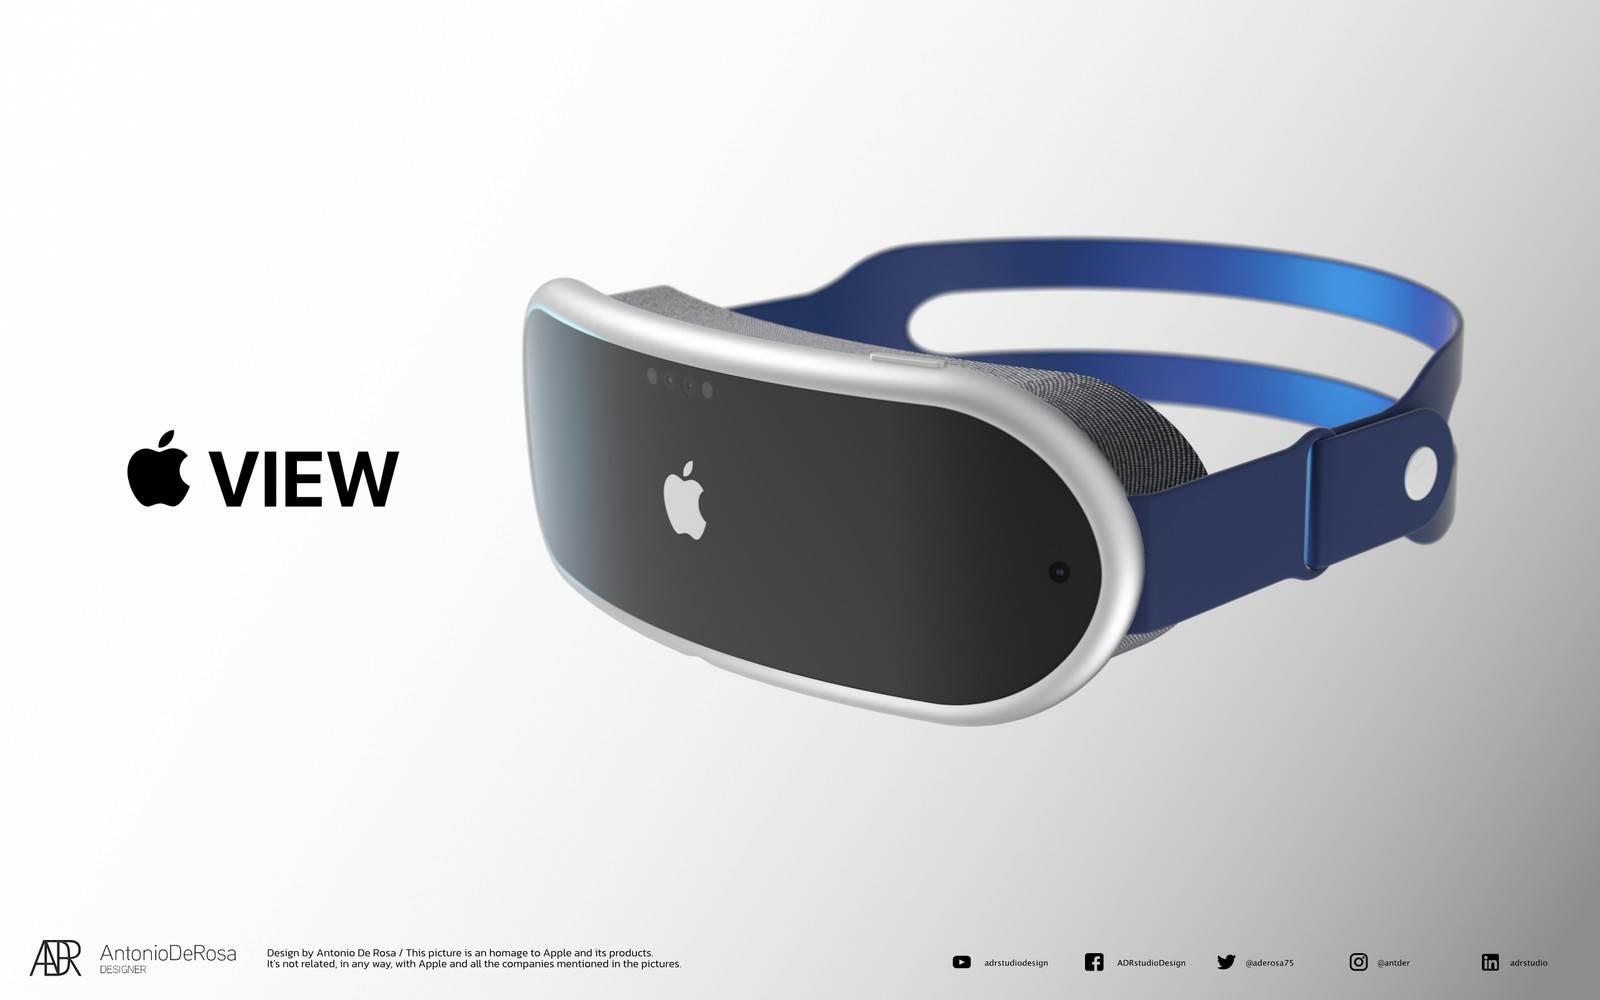 Tak mogą wyglądać gogle Apple do rzeczywistości mieszanej polecane, ciekawostki okulary AR, gogle AR od Apple, gogle Apple  Projektant Antonio De Rosa stworzył wysokiej jakości rendery pokazujące możliwy wygląd gogli Apple do rzeczywistości mieszanej.  gogle Apple 1